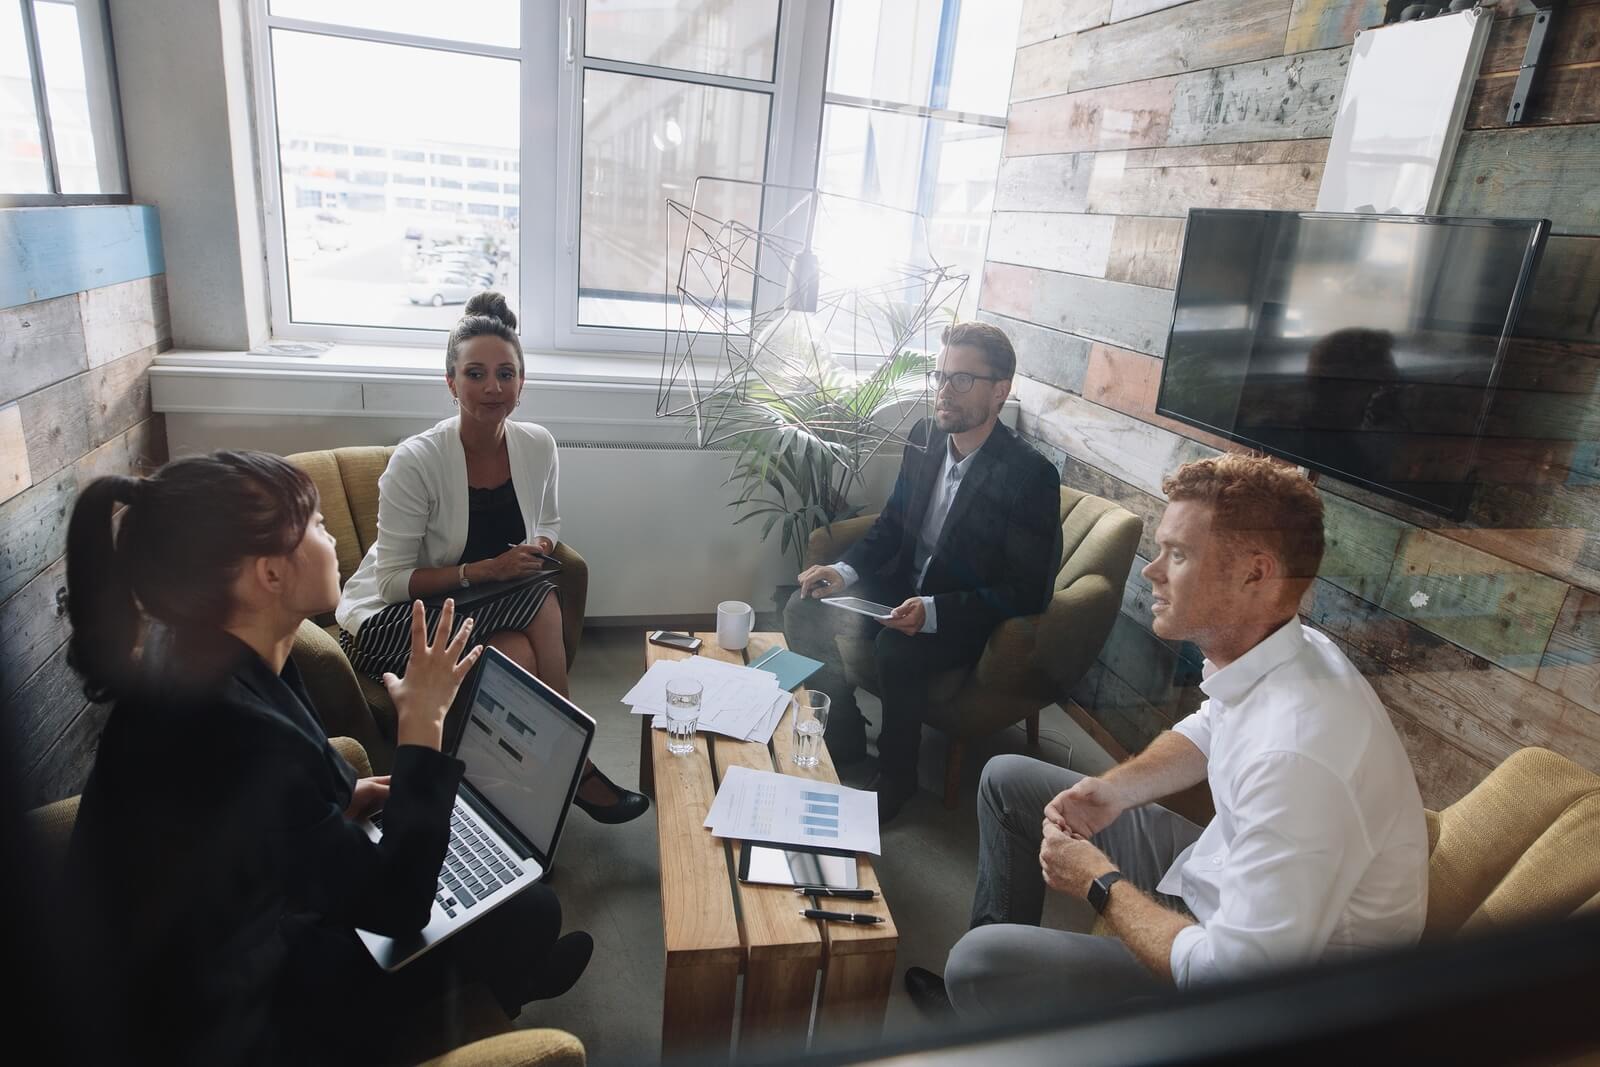 La diversidad del equipo multidisciplinar, clave en la innovación empresarial